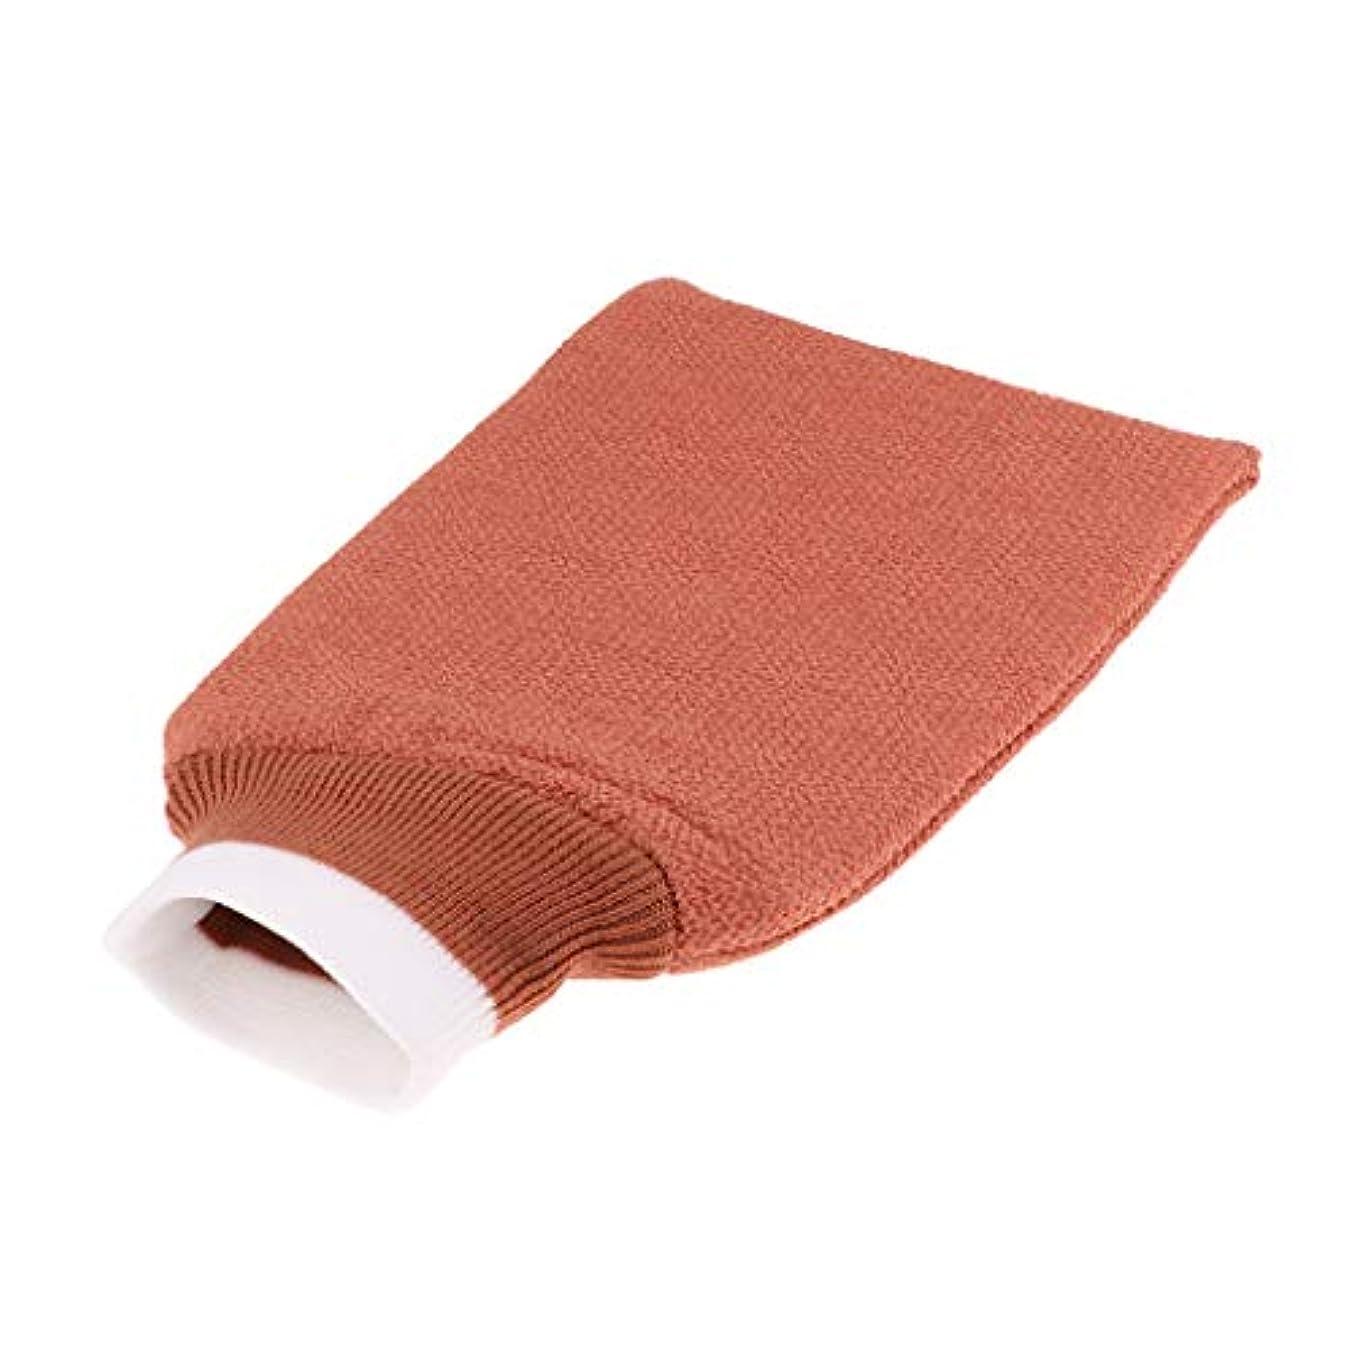 戦うスキャンダル相対サイズgazechimp バスグローブ 浴用手袋 シャワー用 バスミット 垢すり手袋 毛穴清潔 角質除去 男女兼用 全3色 - シャンパン